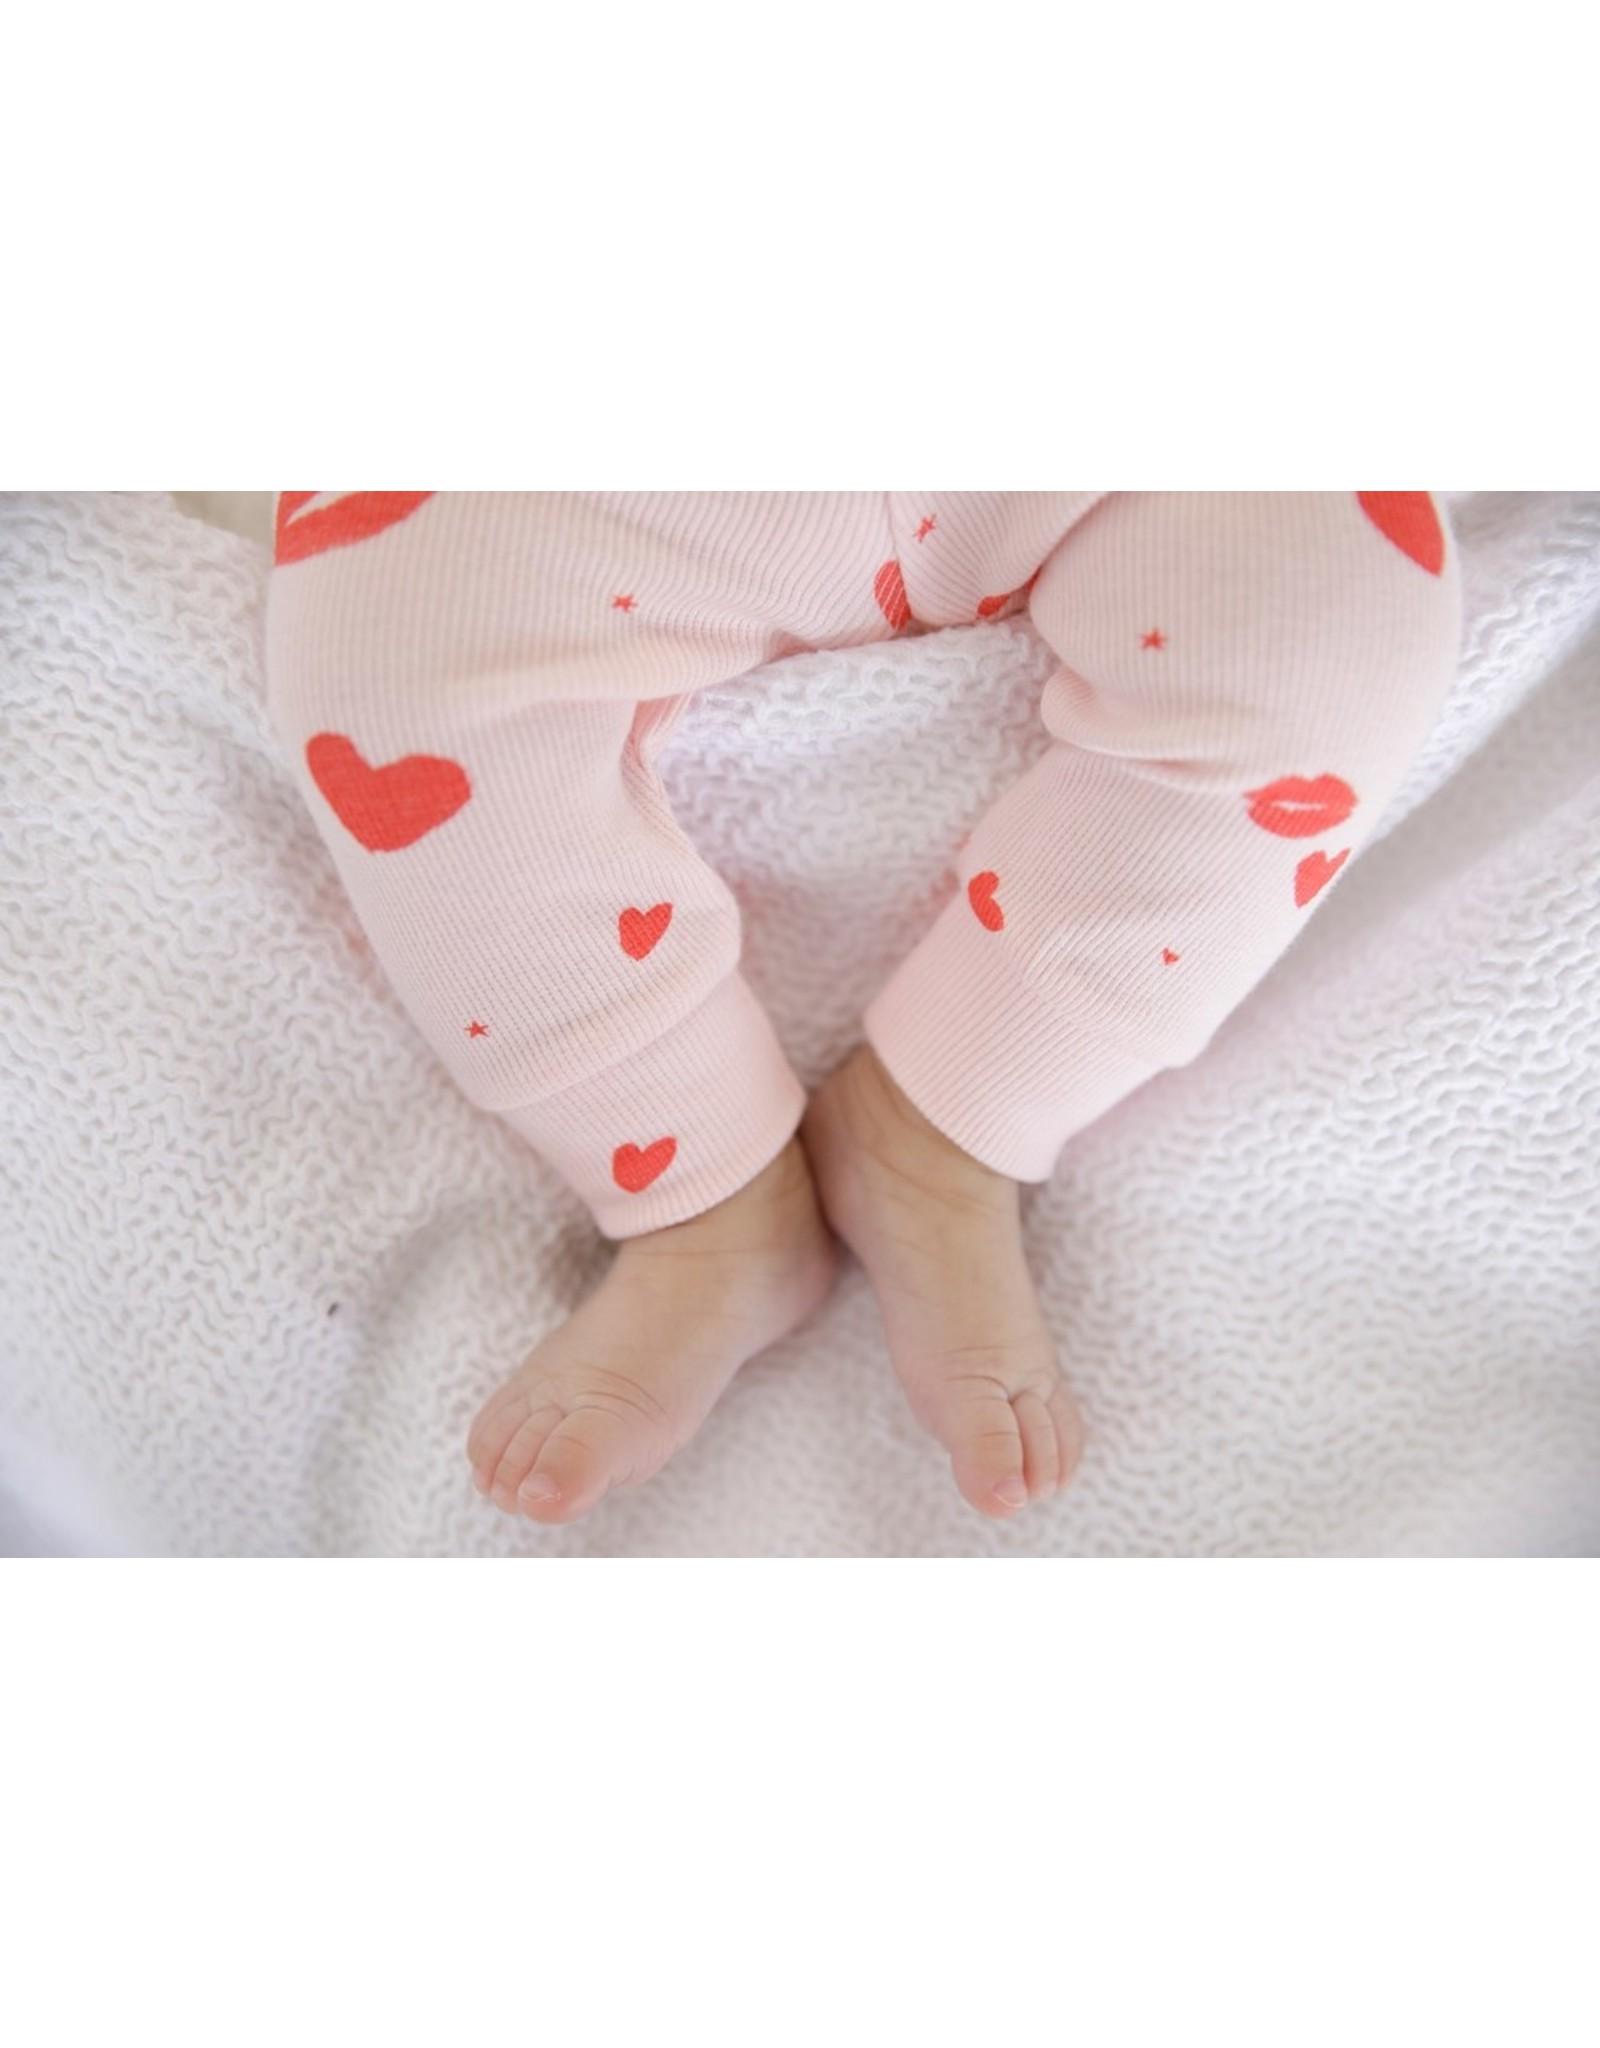 Feetje Love Lesley - Premium Sleepwear by FEETJE Roze